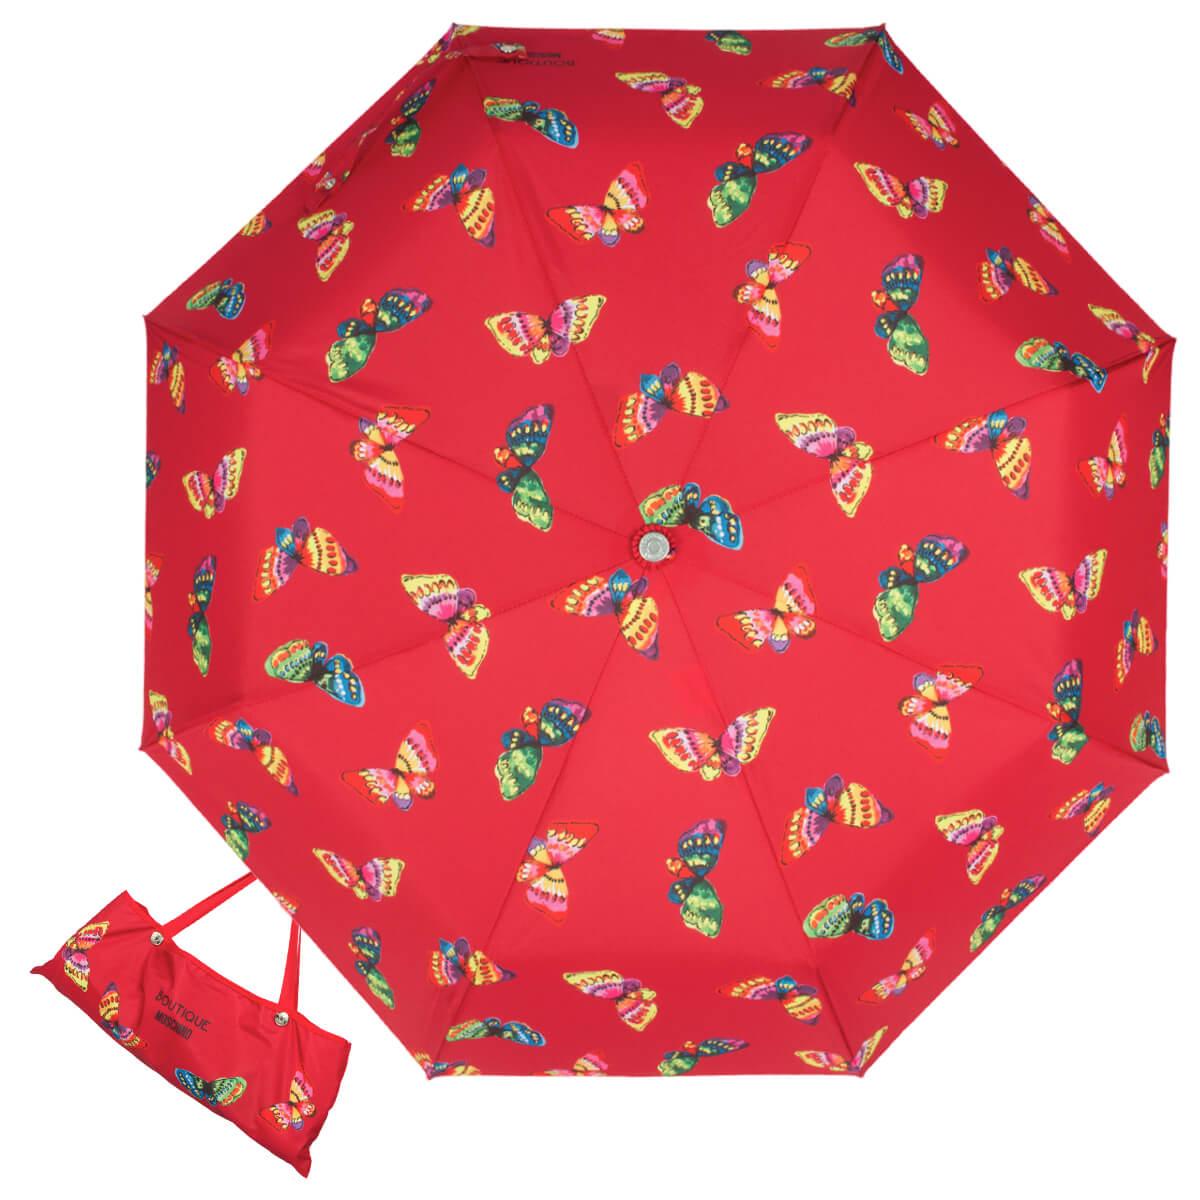 женский красный зонтик, стильный, автомат